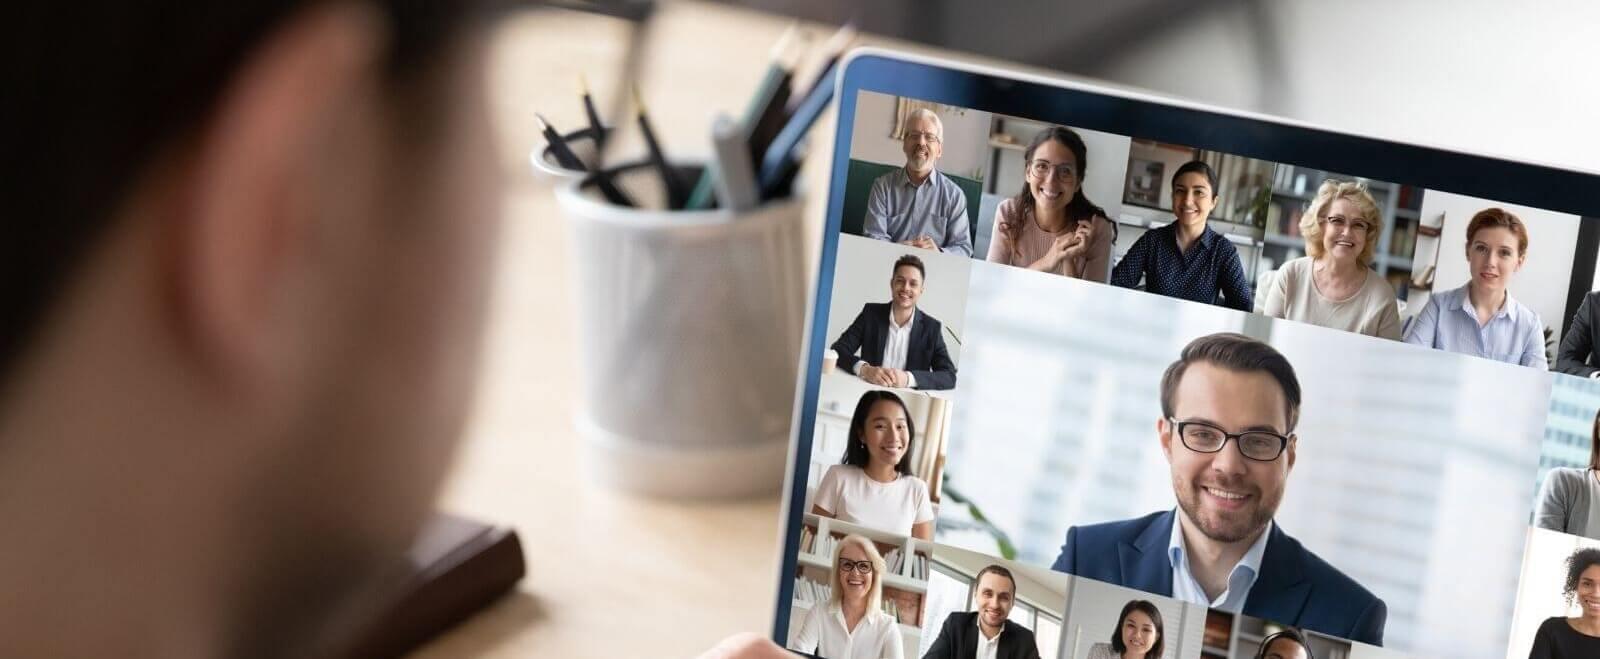 Erfolgsfaktor Arbeitskultur: Führung in der Kanzlei neu denken